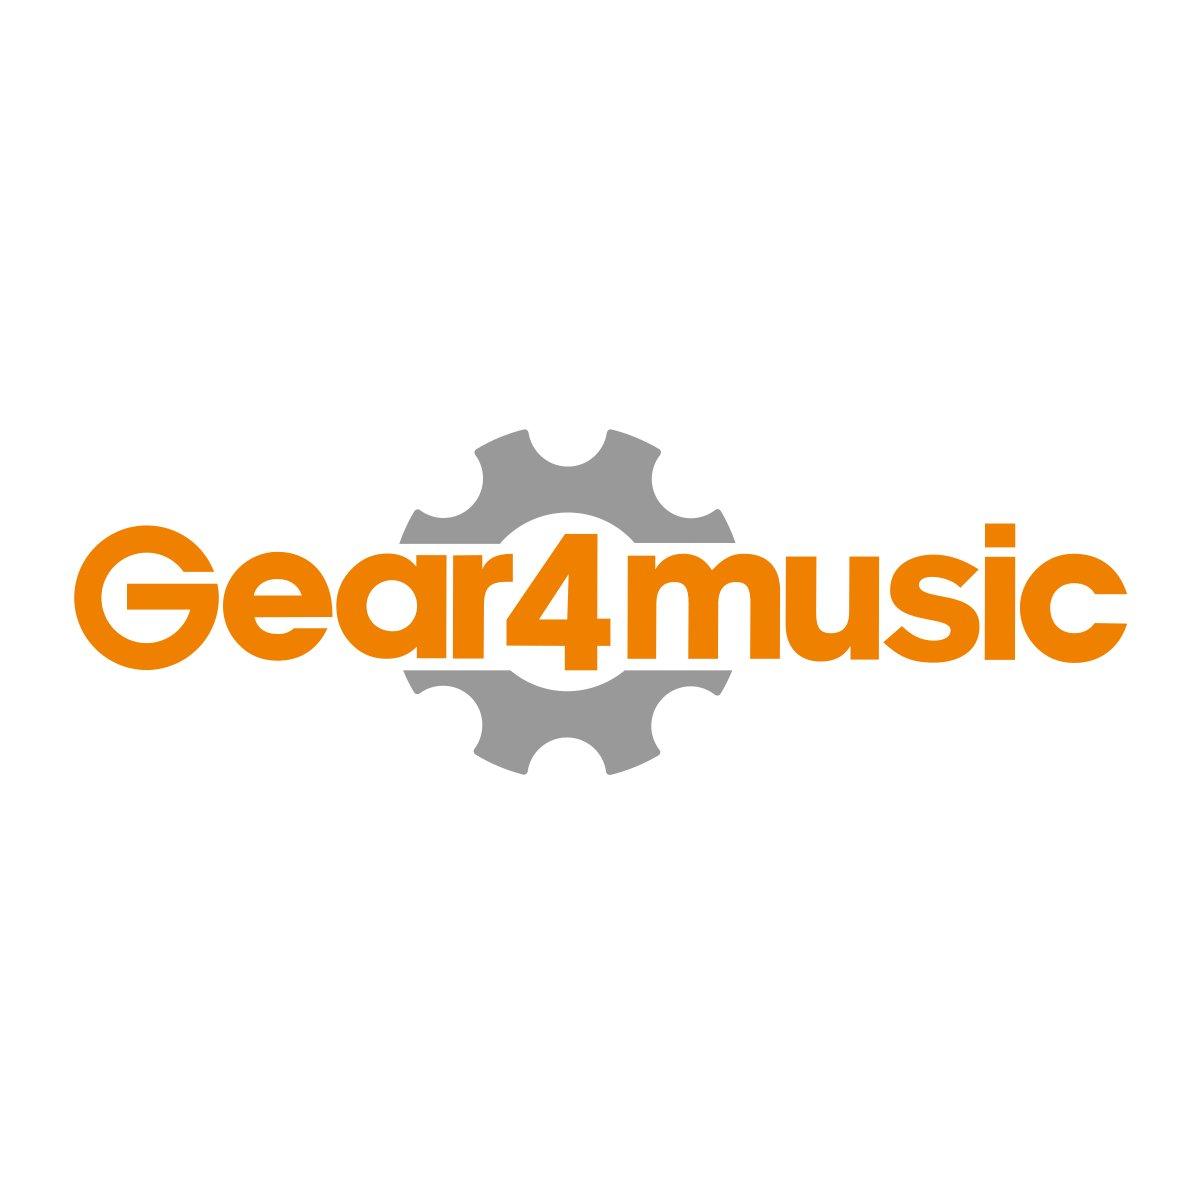 Dean Barstol med Dean logotyp | Gear4music